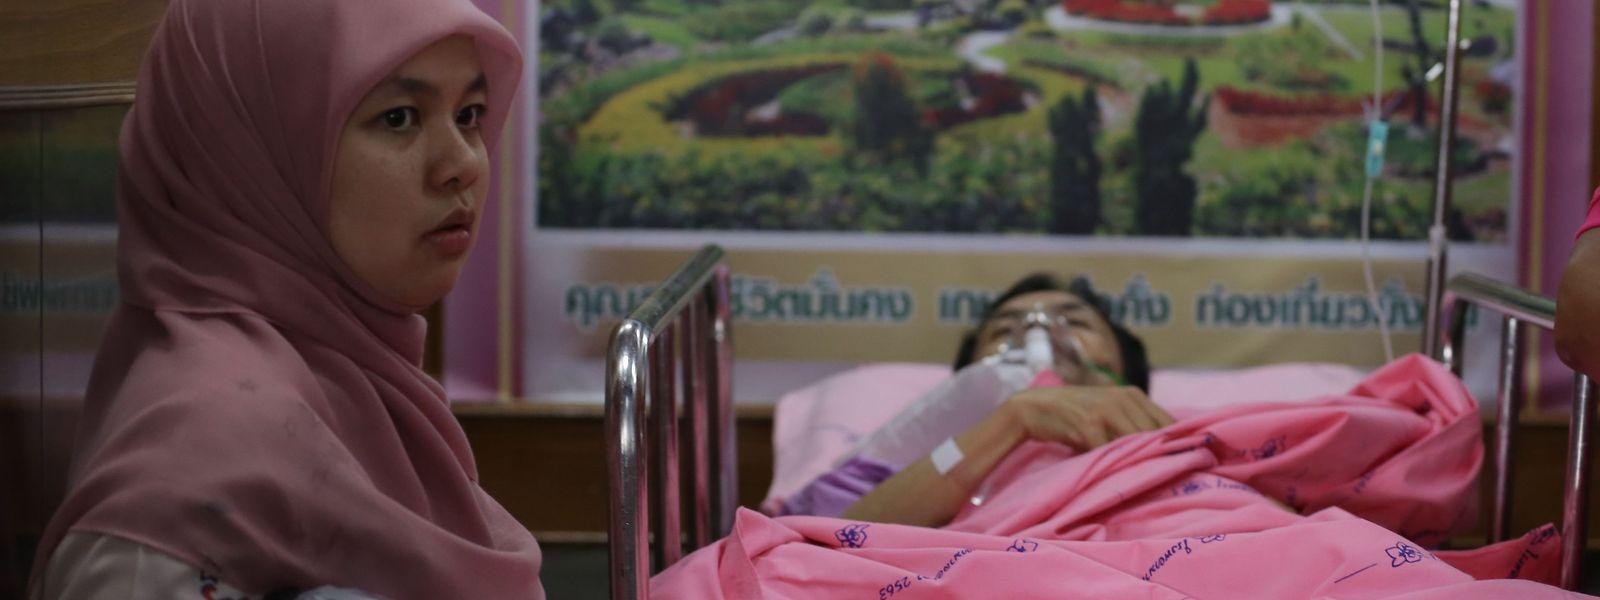 Ein Journalist, der bei dem Bombenanschlag verletzt wurde, liegt auf der Intensivstation des Yala Hospital.